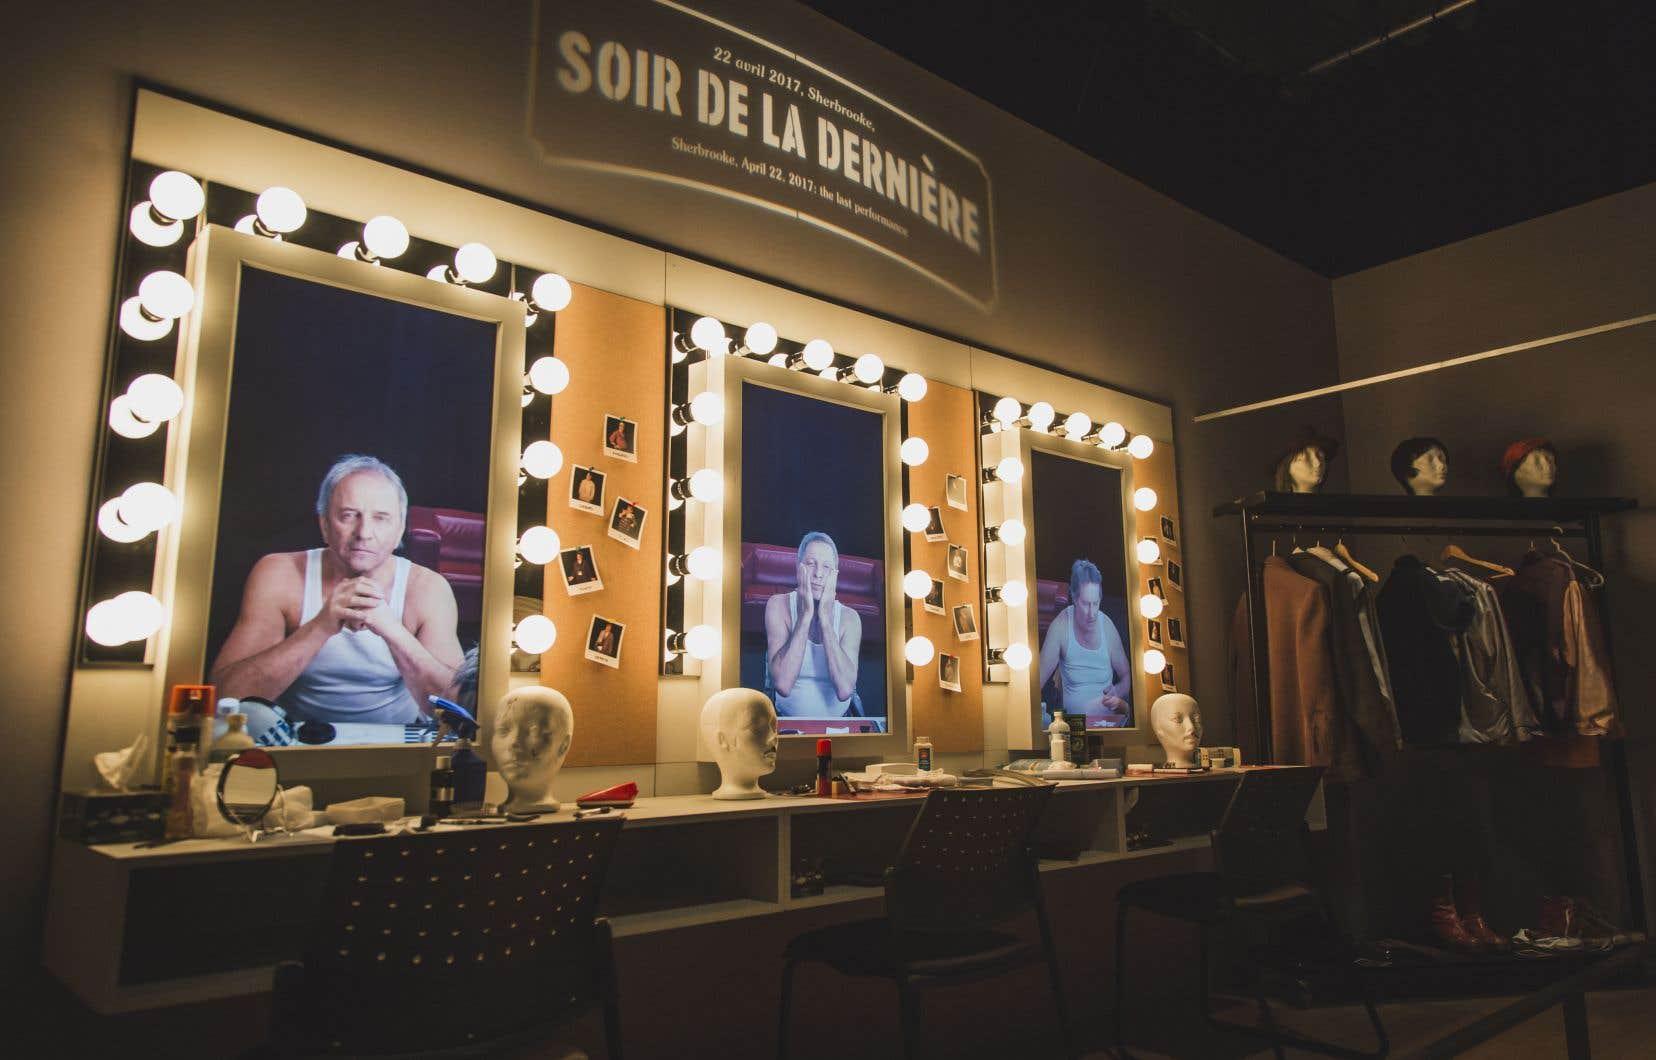 La scénographie remarquable de l'exposition nous amène littéralement dans les coulisses de <em>Broue</em>, de la taverne à la salle de maquillage.